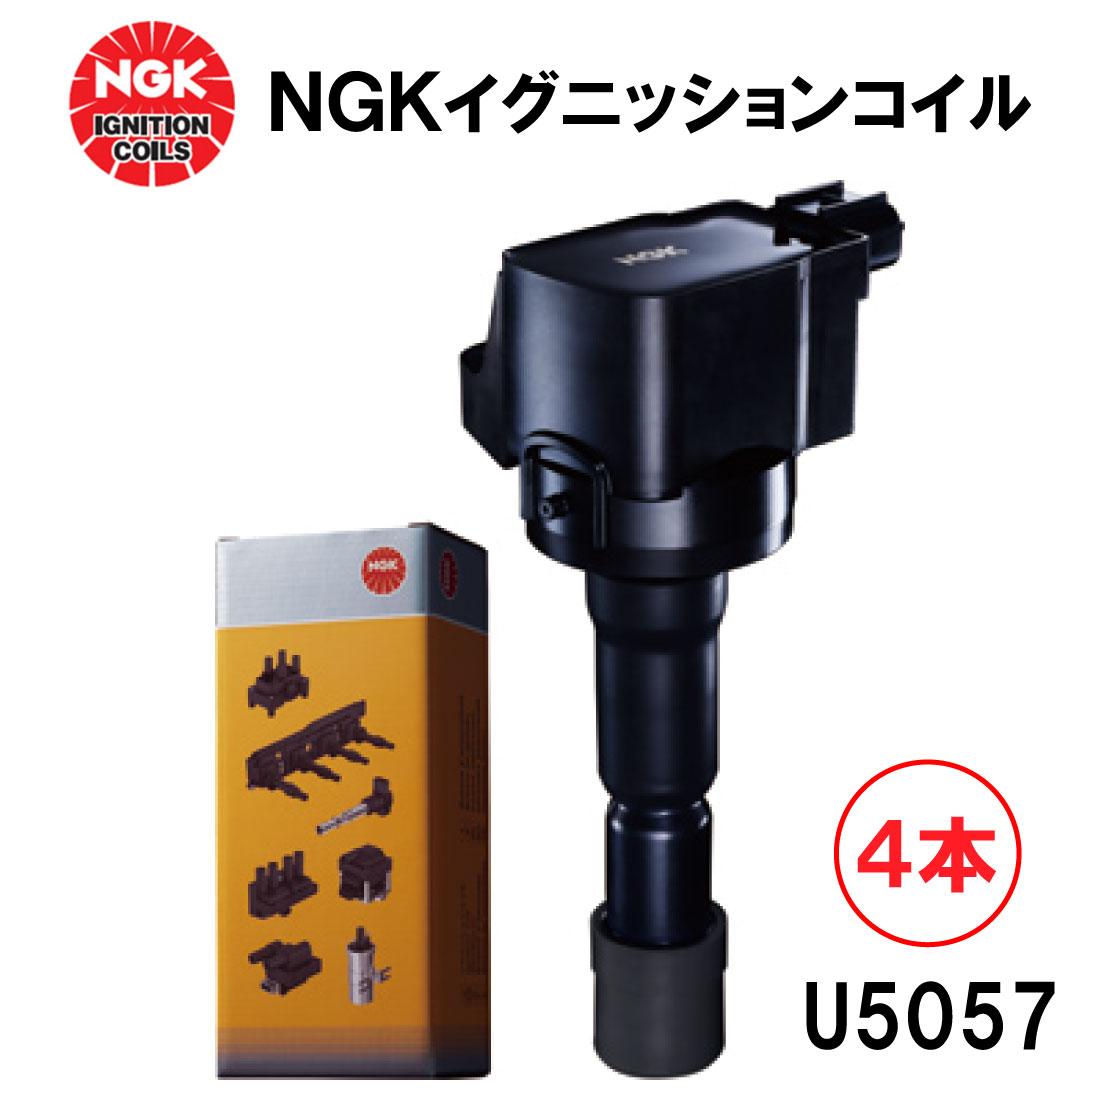 NGK イグニッションコイル U5057 4本セット 48683 純正部品番号 22433AA560 22433AA561 スバル インプレッサ レガシィ